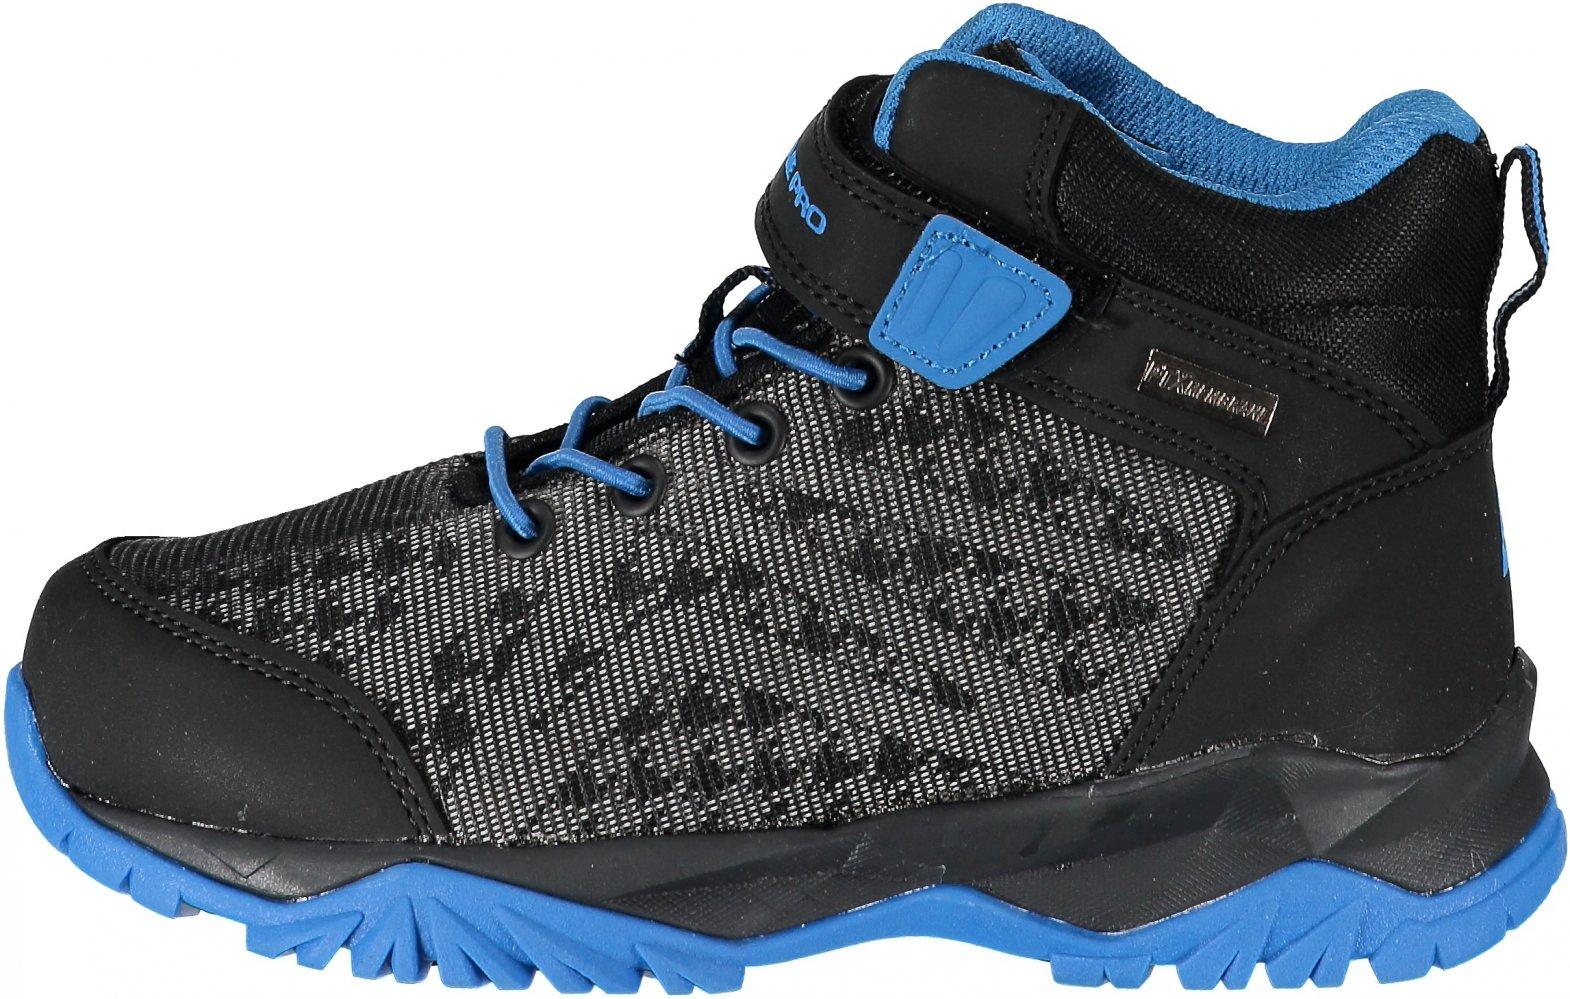 Dětská turistická obuv ALPINE PRO UGO KBTM171 MODRÁ velikost  30 ... a6917f68eb